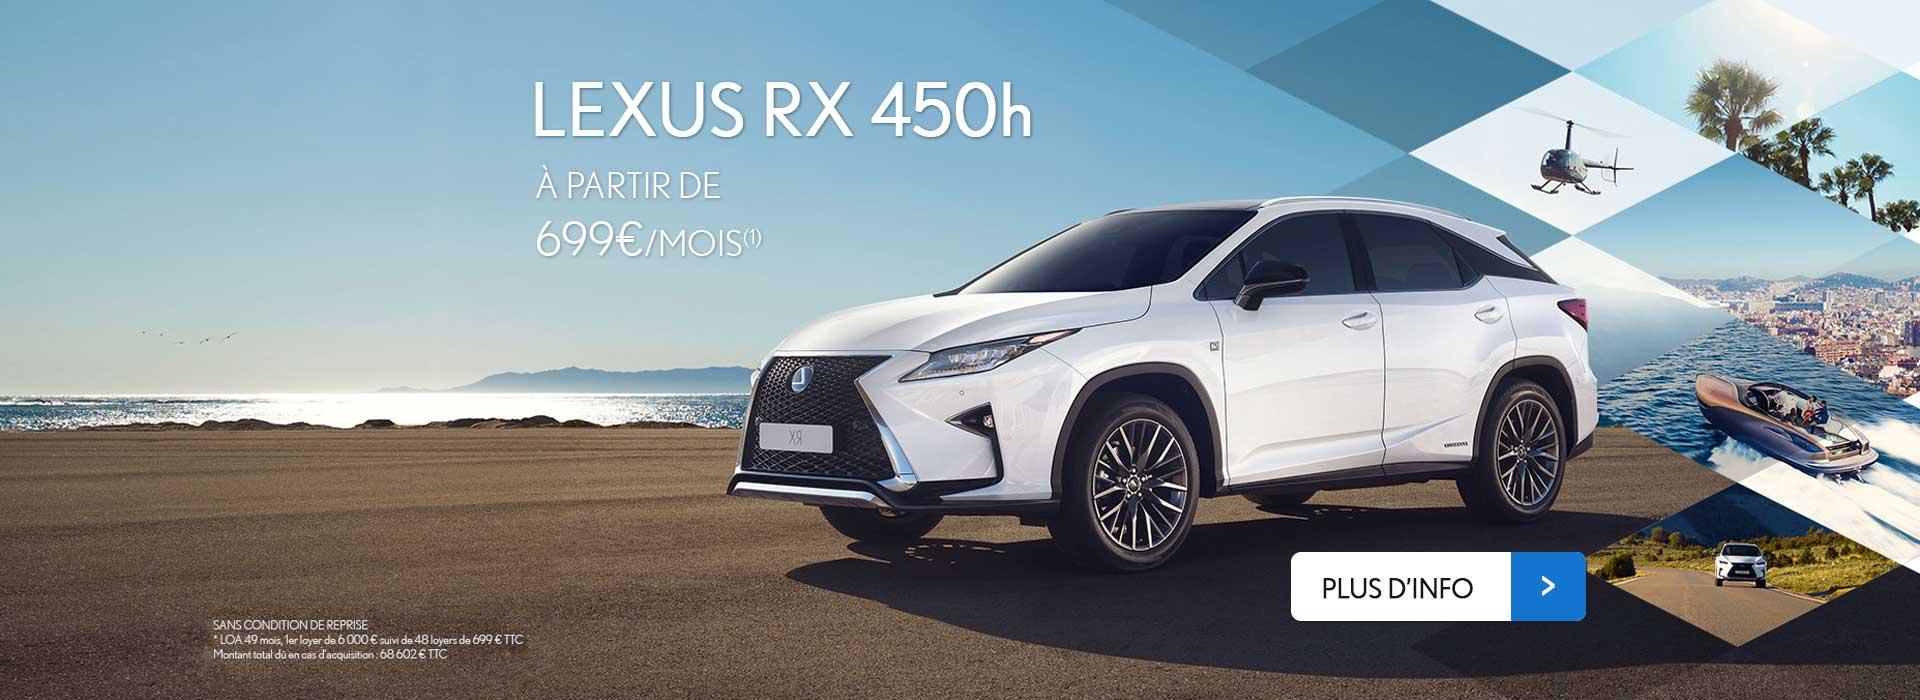 Nouveau Lexus RX 450h Neuve